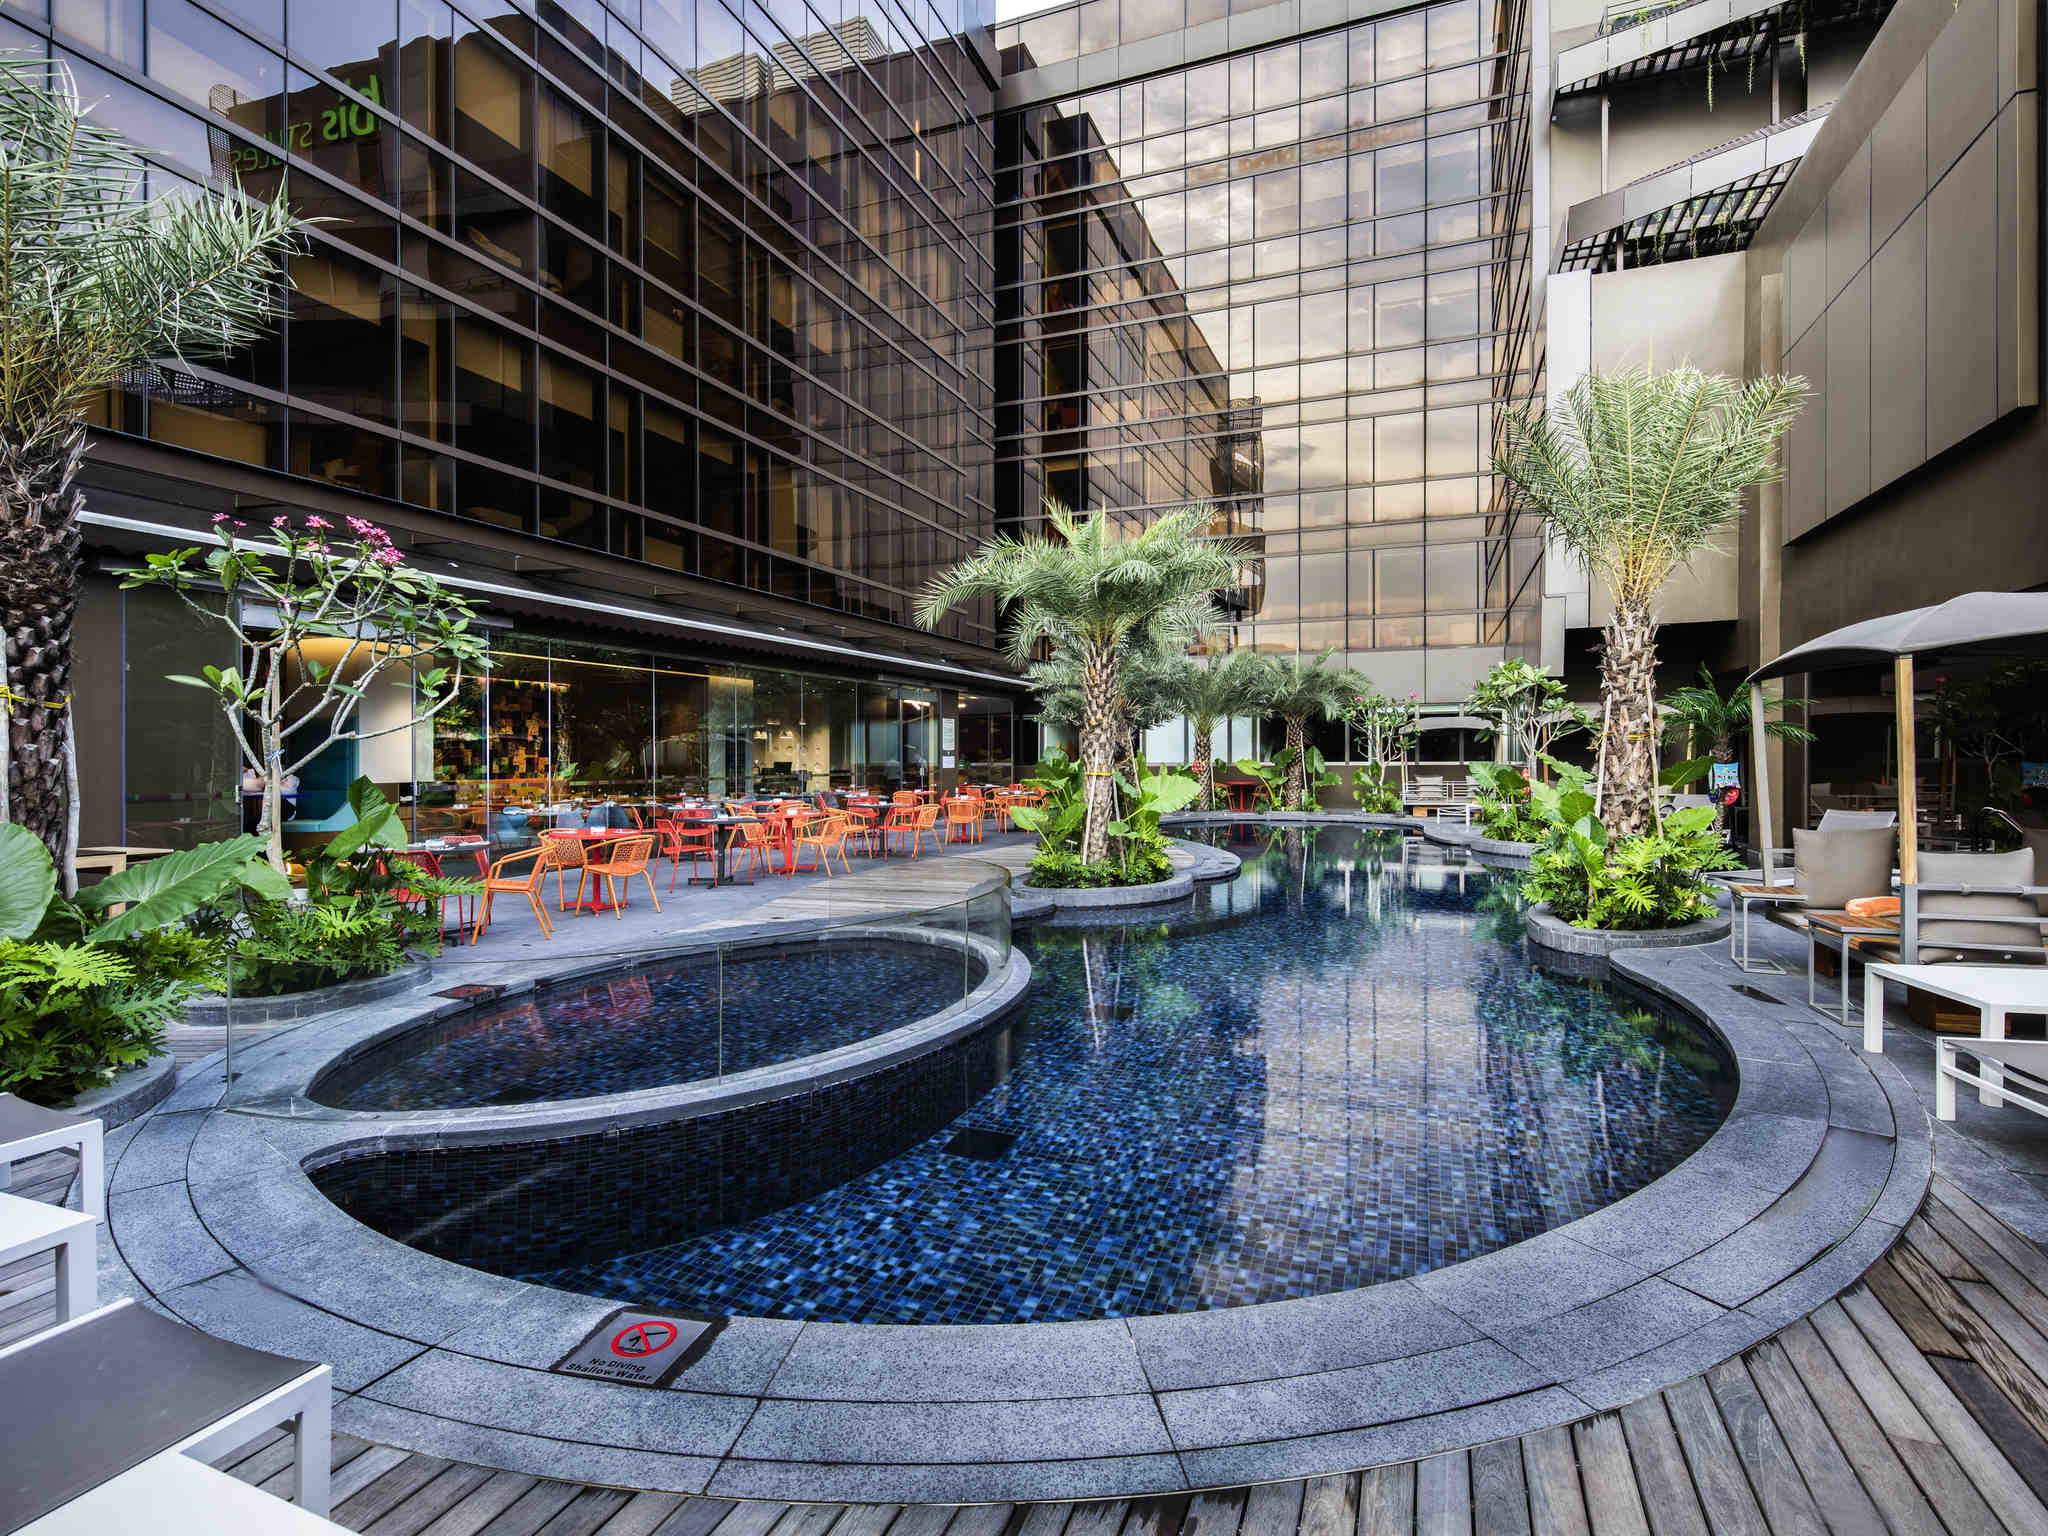 โรงแรม – ไอบิสสไตล์ สิงคโปร์ ออน แม็คเฟอร์สัน